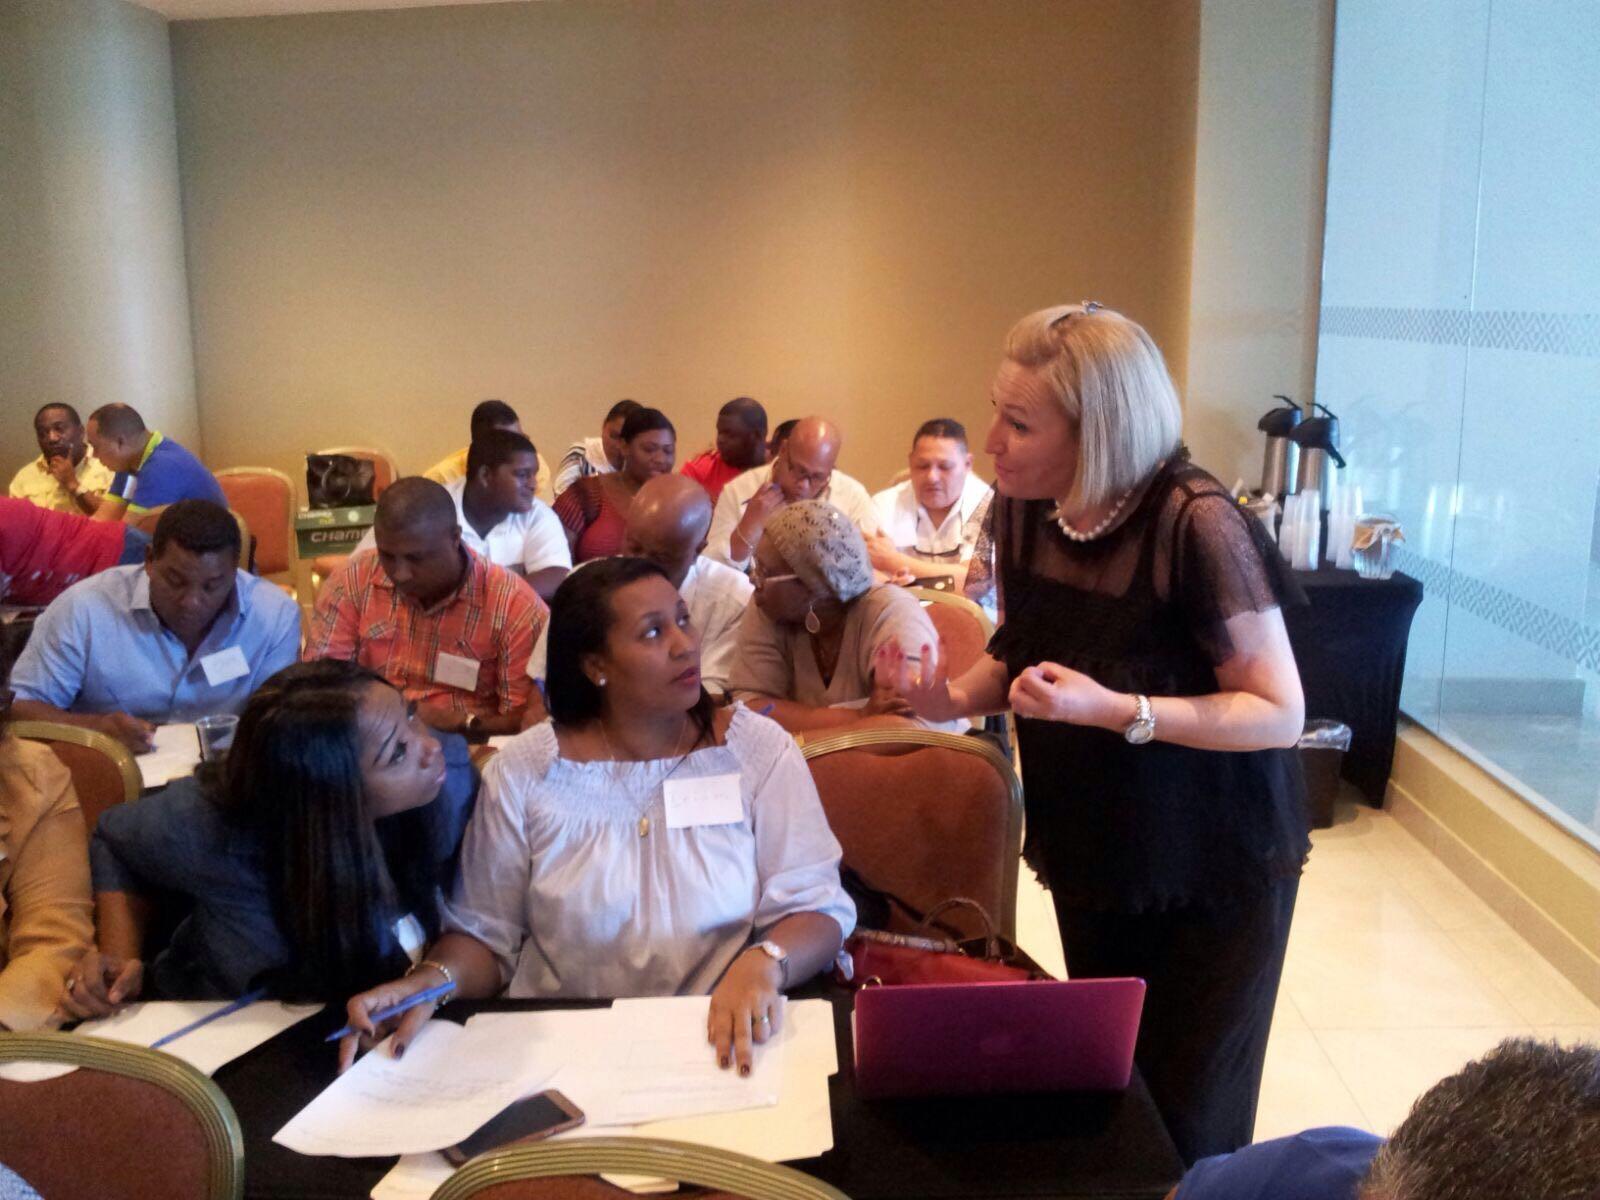 El liderazgo político transformador centra mi actividad en Panamá